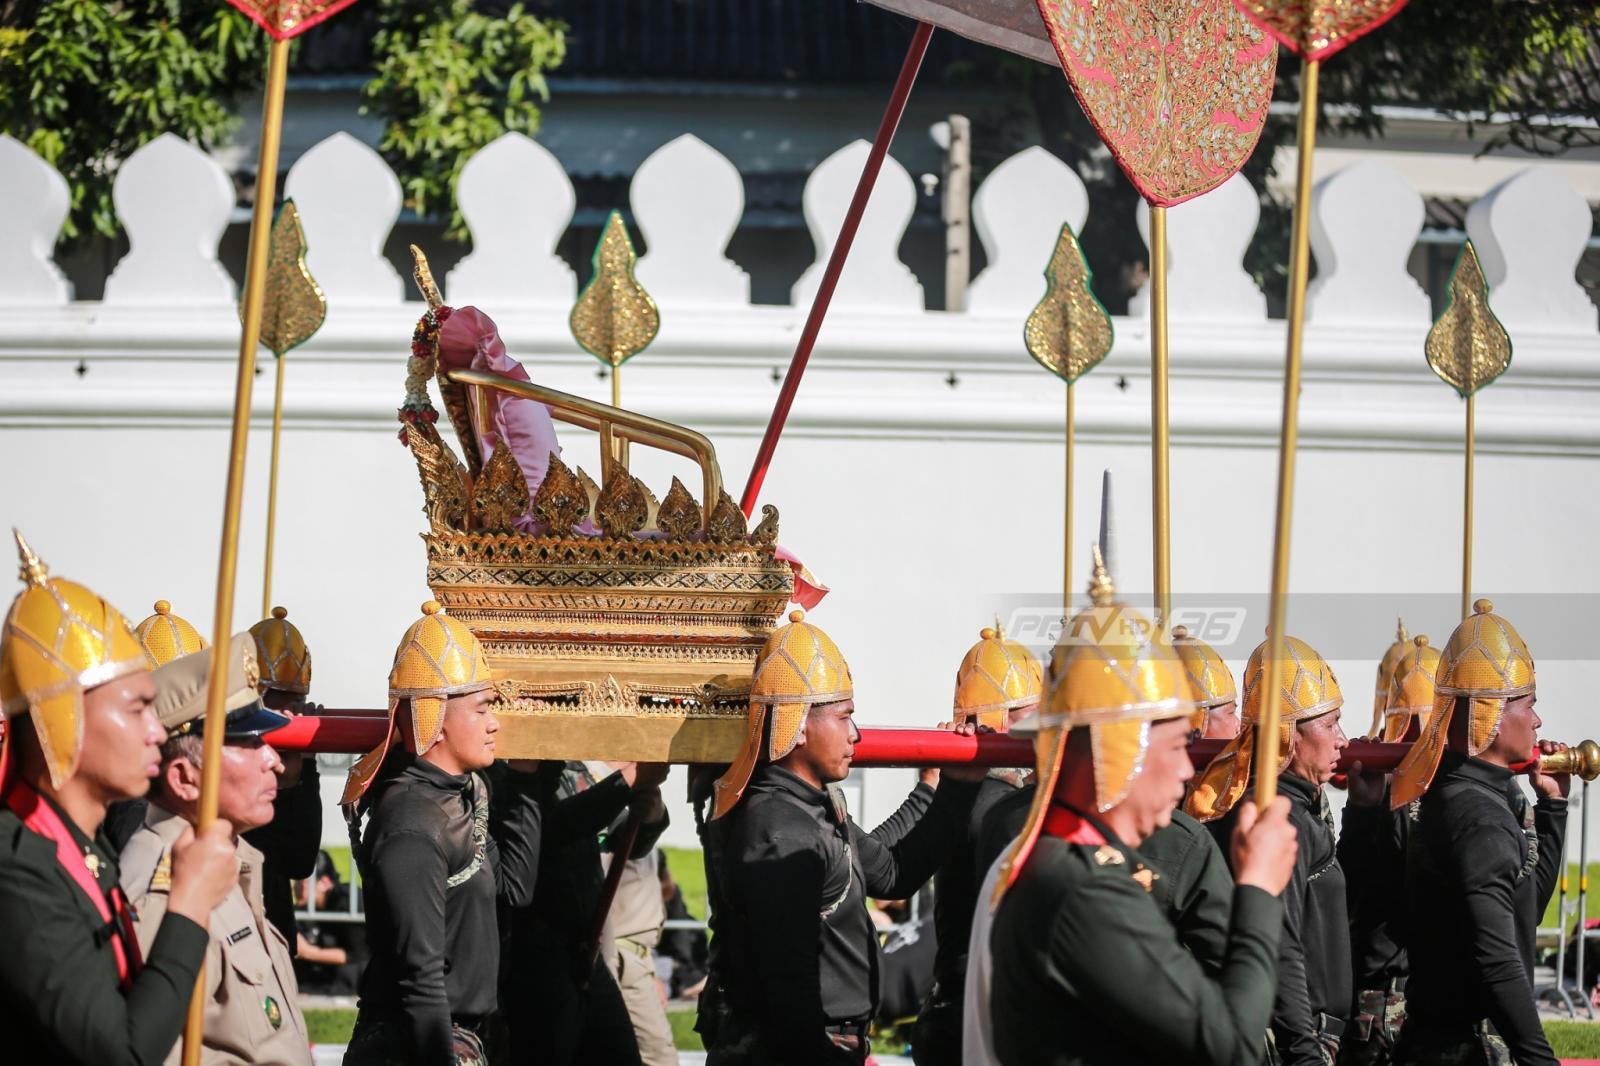 สมพระเกียรติ ซ้อมริ้วขบวนพระบรมราชอิสริยยศ พระราชพิธีถวายพระเพลิงพระบรมศพฯ